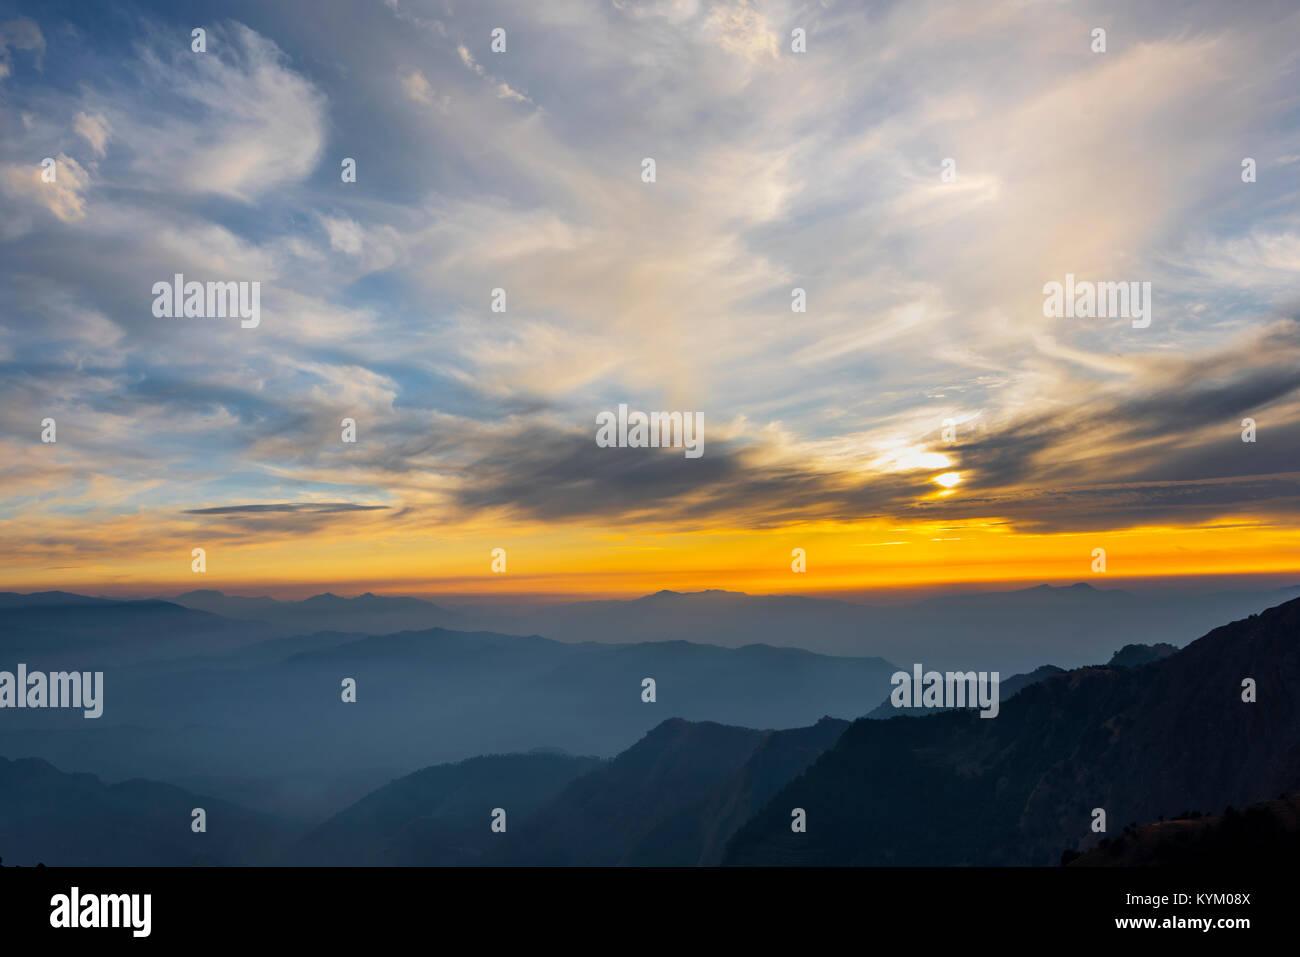 Sunset Diaries, Prashar Lake, Mandi, Himachal Pradesh, India - Stock Image